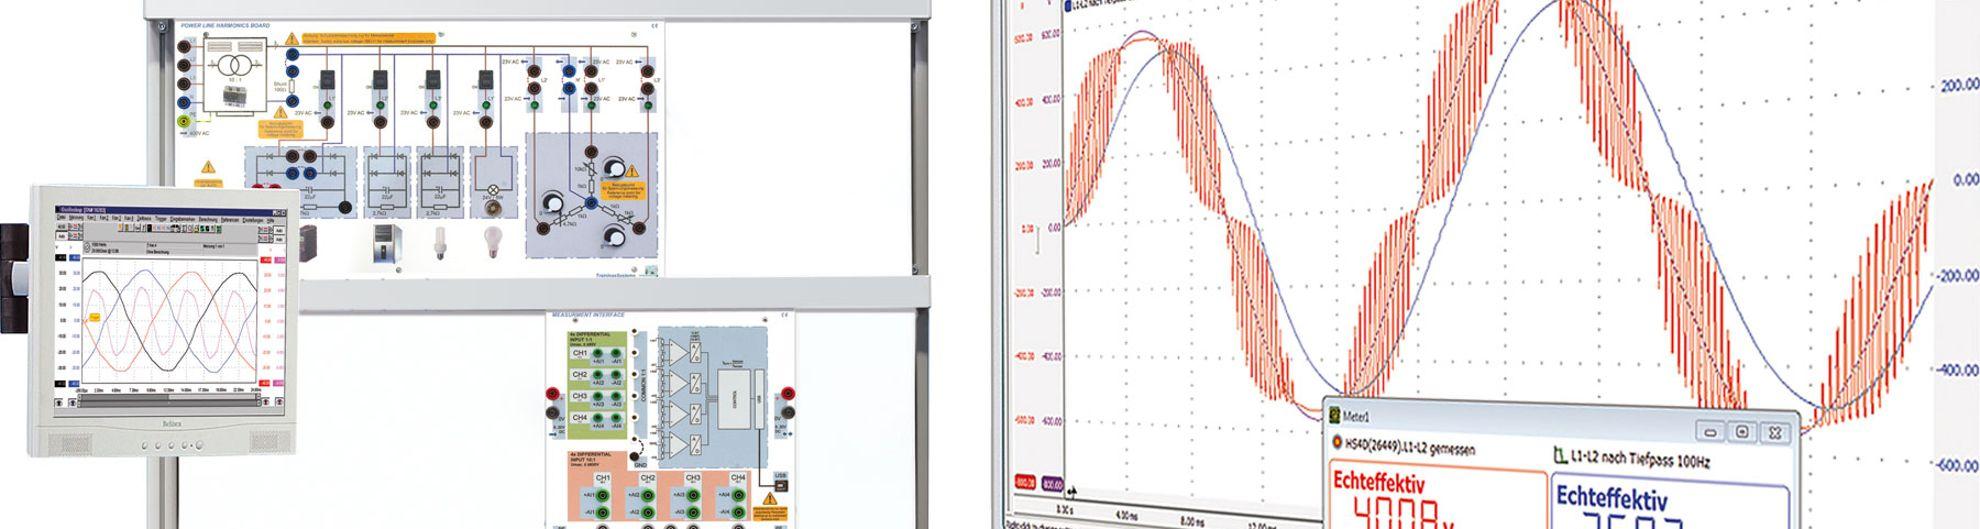 Sicherheit von elektrischen Anlagen und Betriebsmitteln - Belastung des Neutralleiters - Laborausstattung